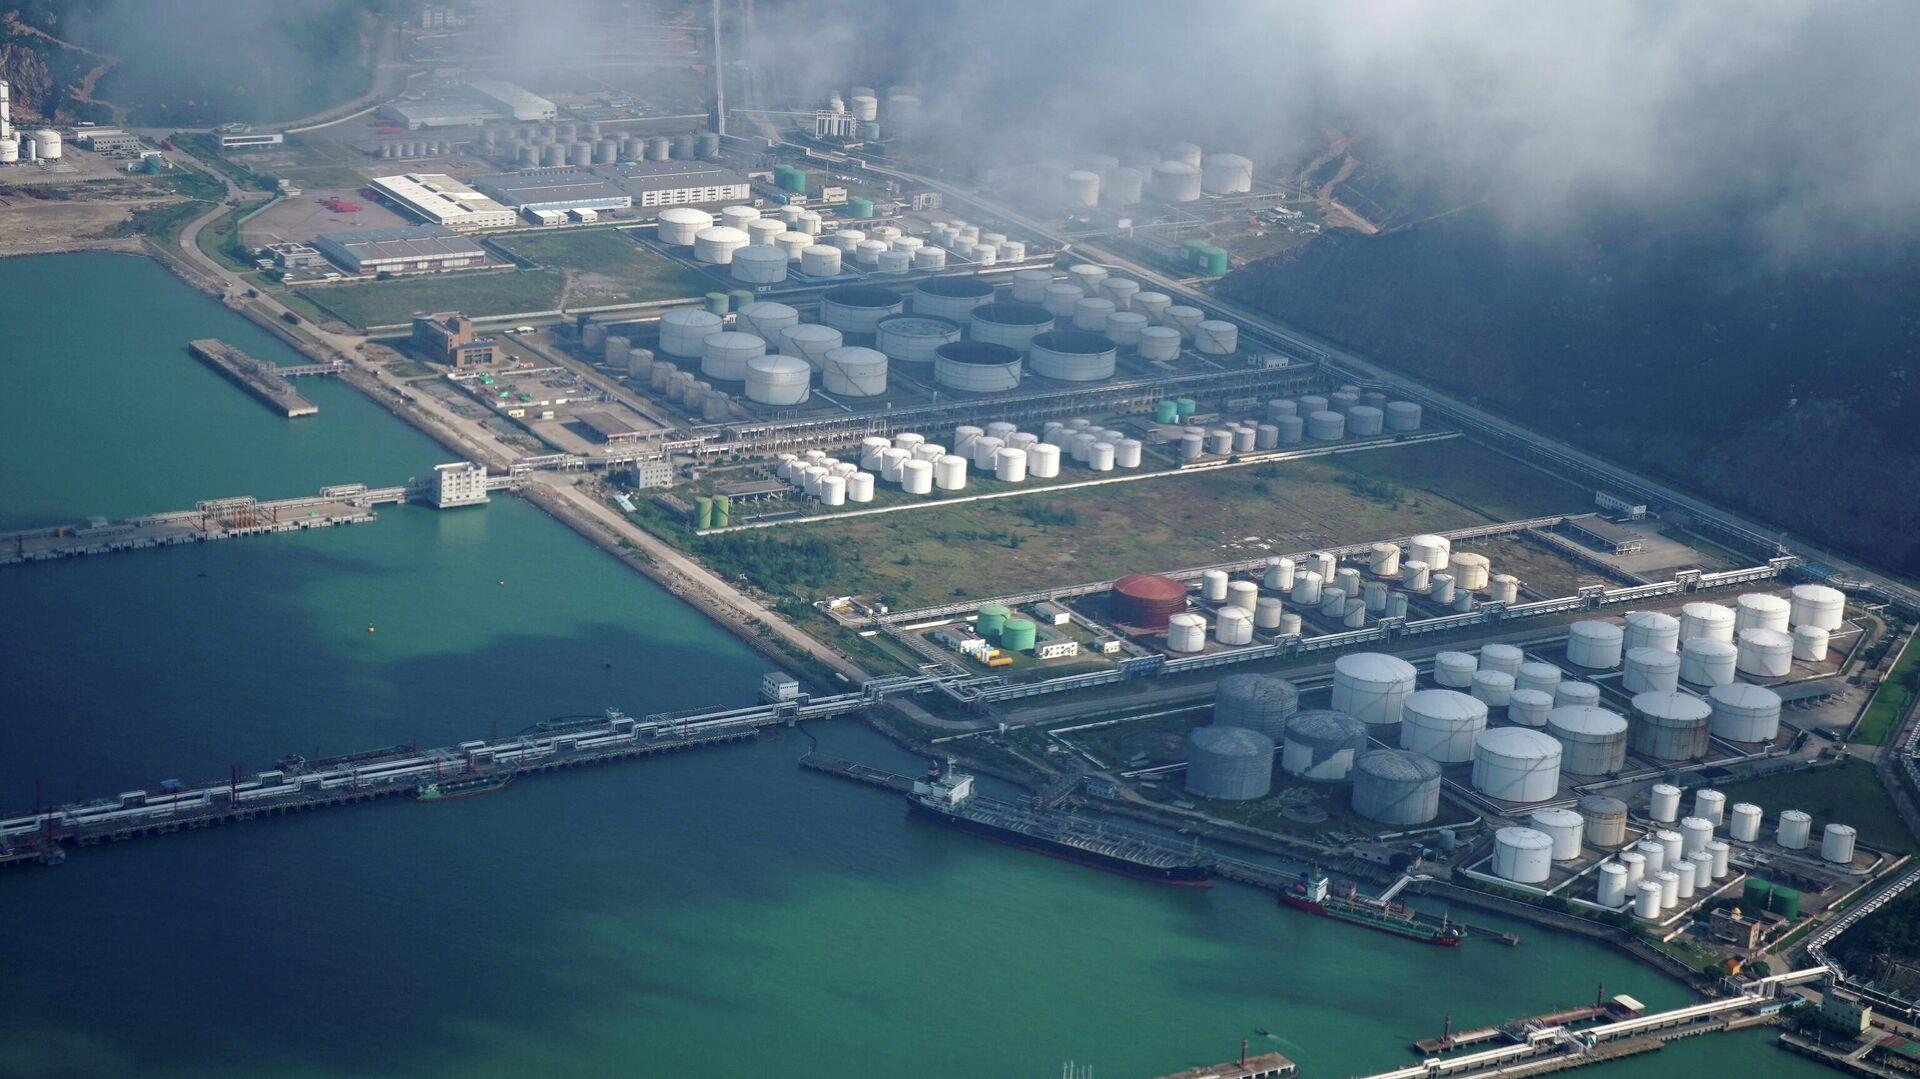 Нефтегазовое хранилище в порту Чжухая, Китай - РИА Новости, 1920, 04.02.2021